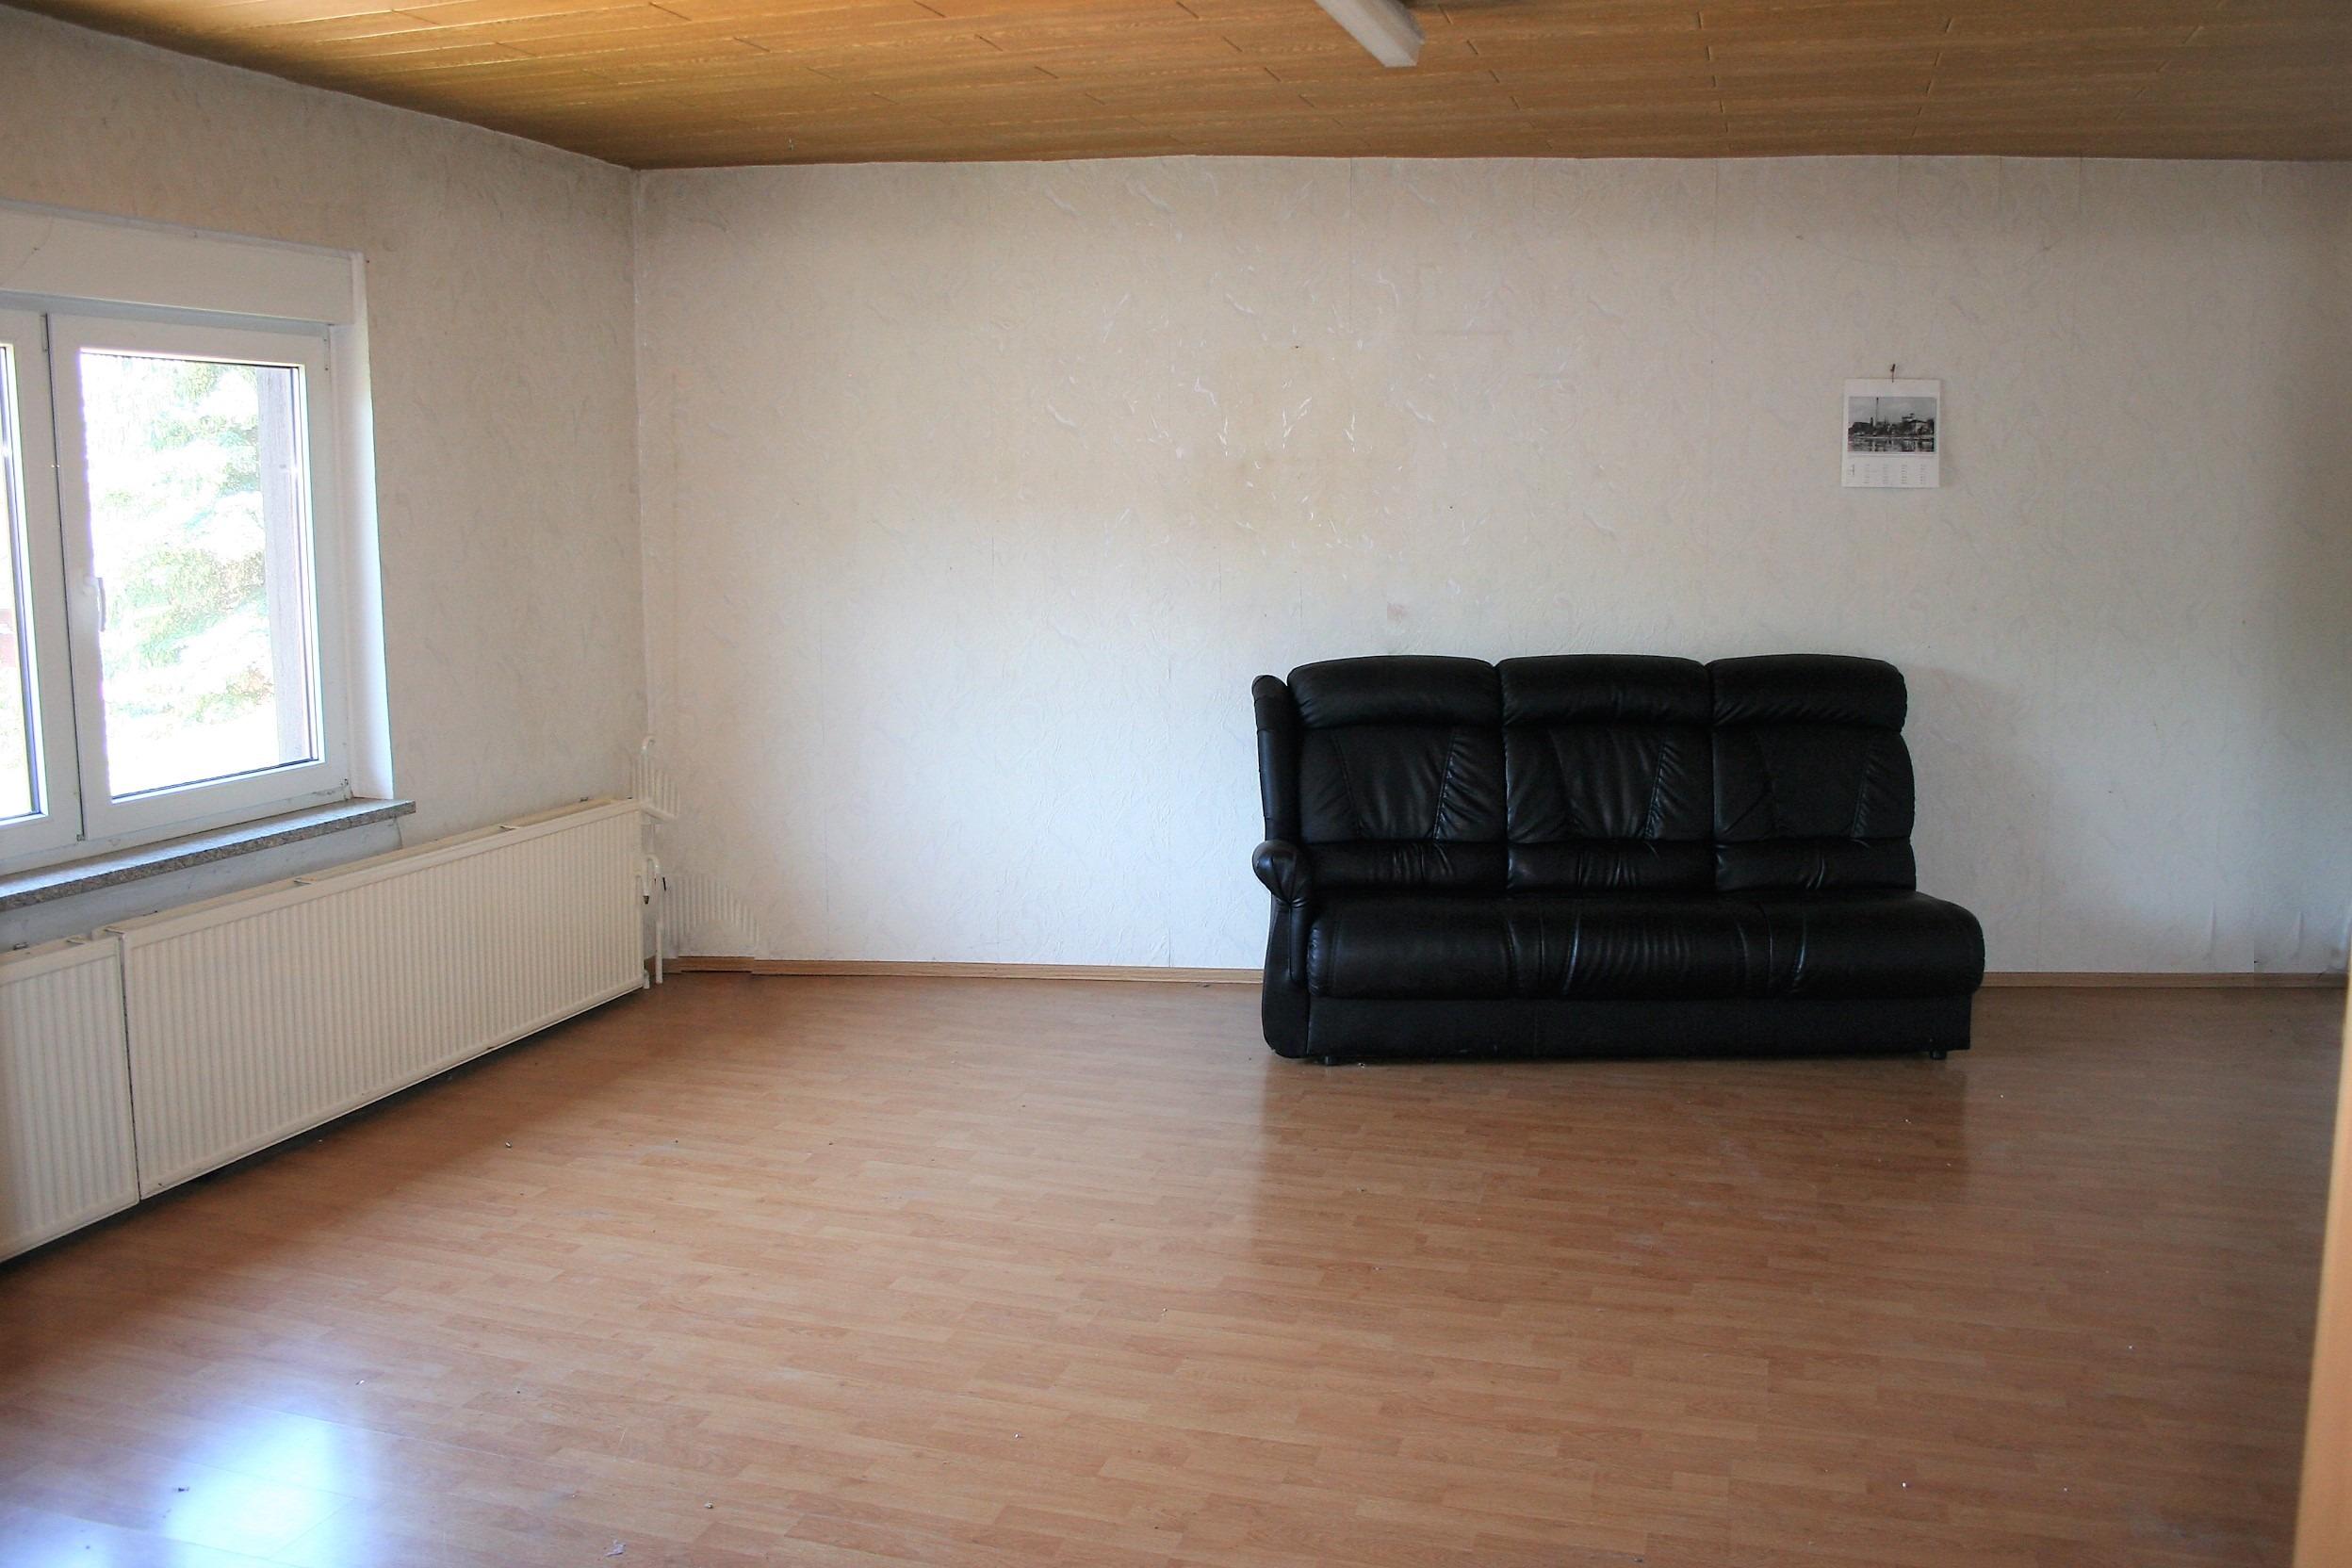 Einfamilienhaus Krosigk - Wohnzimmer